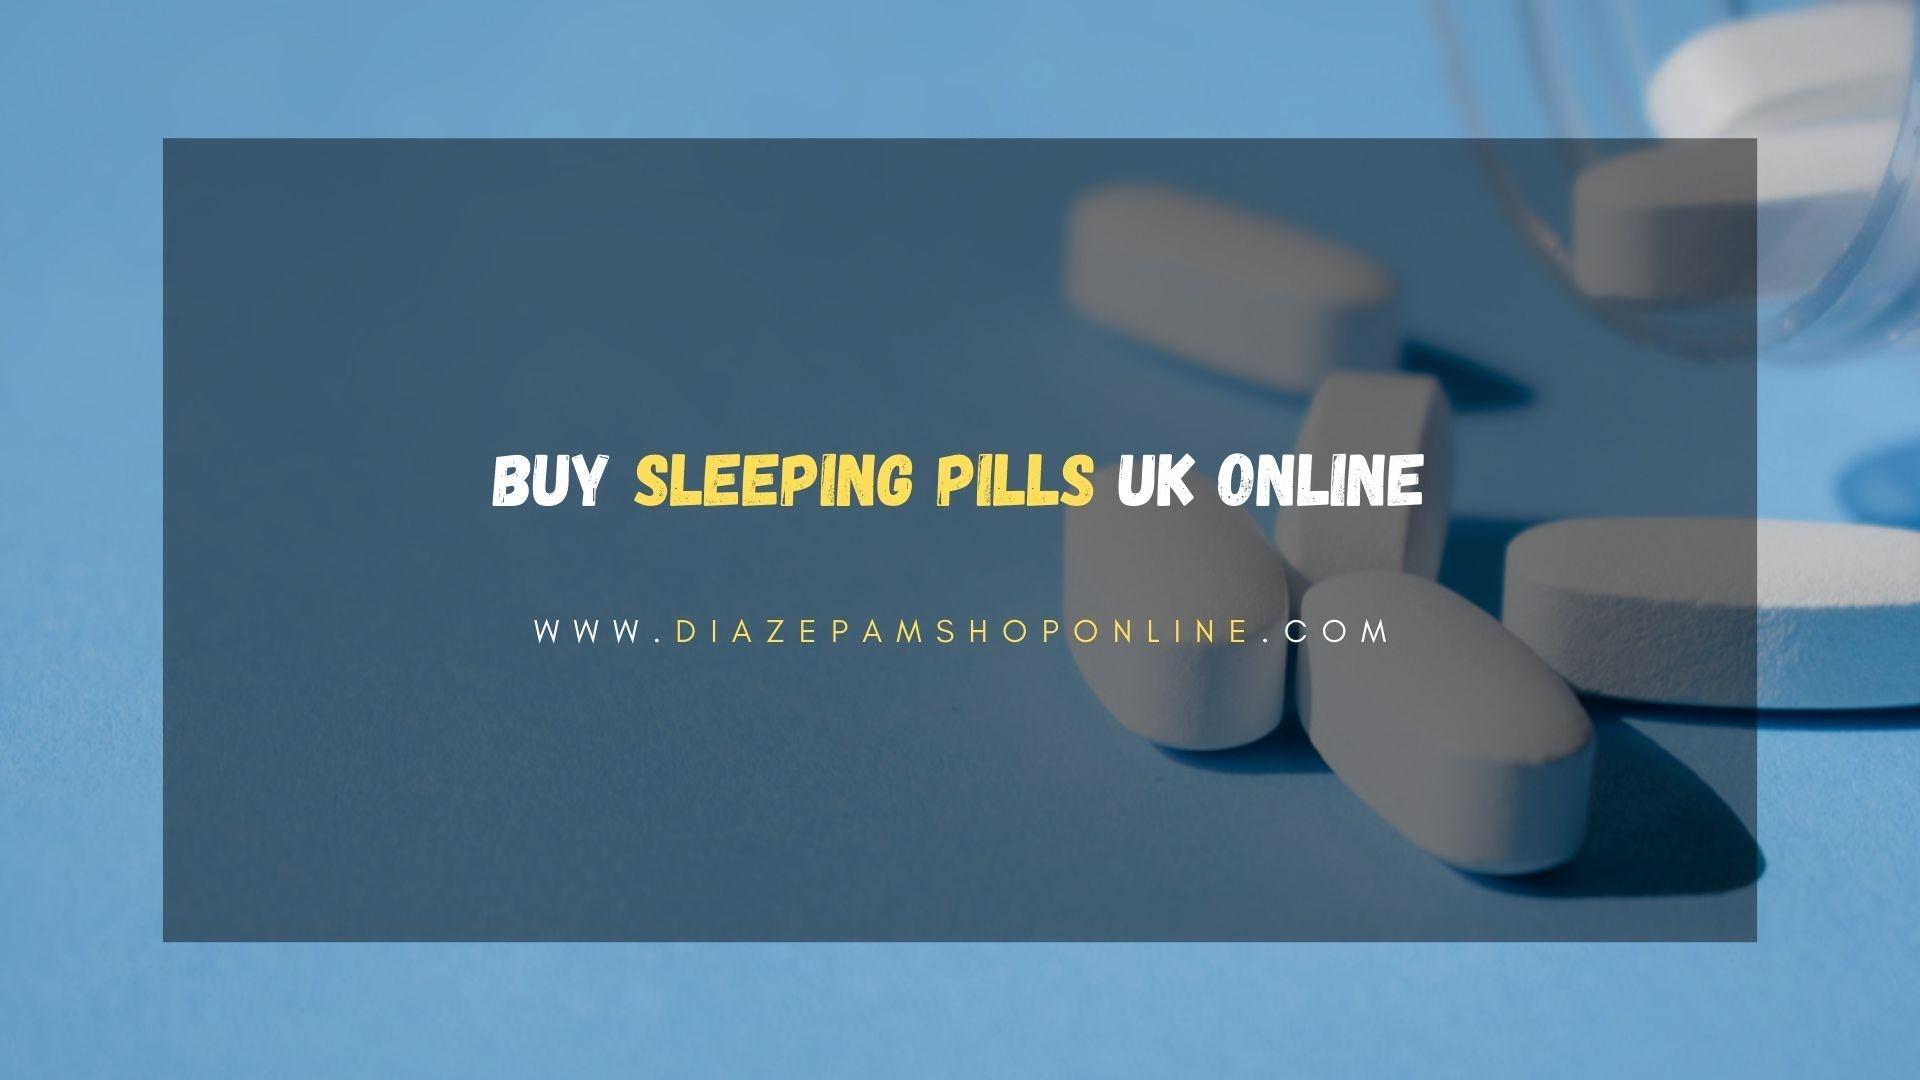 Diazepam shop online (@diazepamshoponline) Cover Image